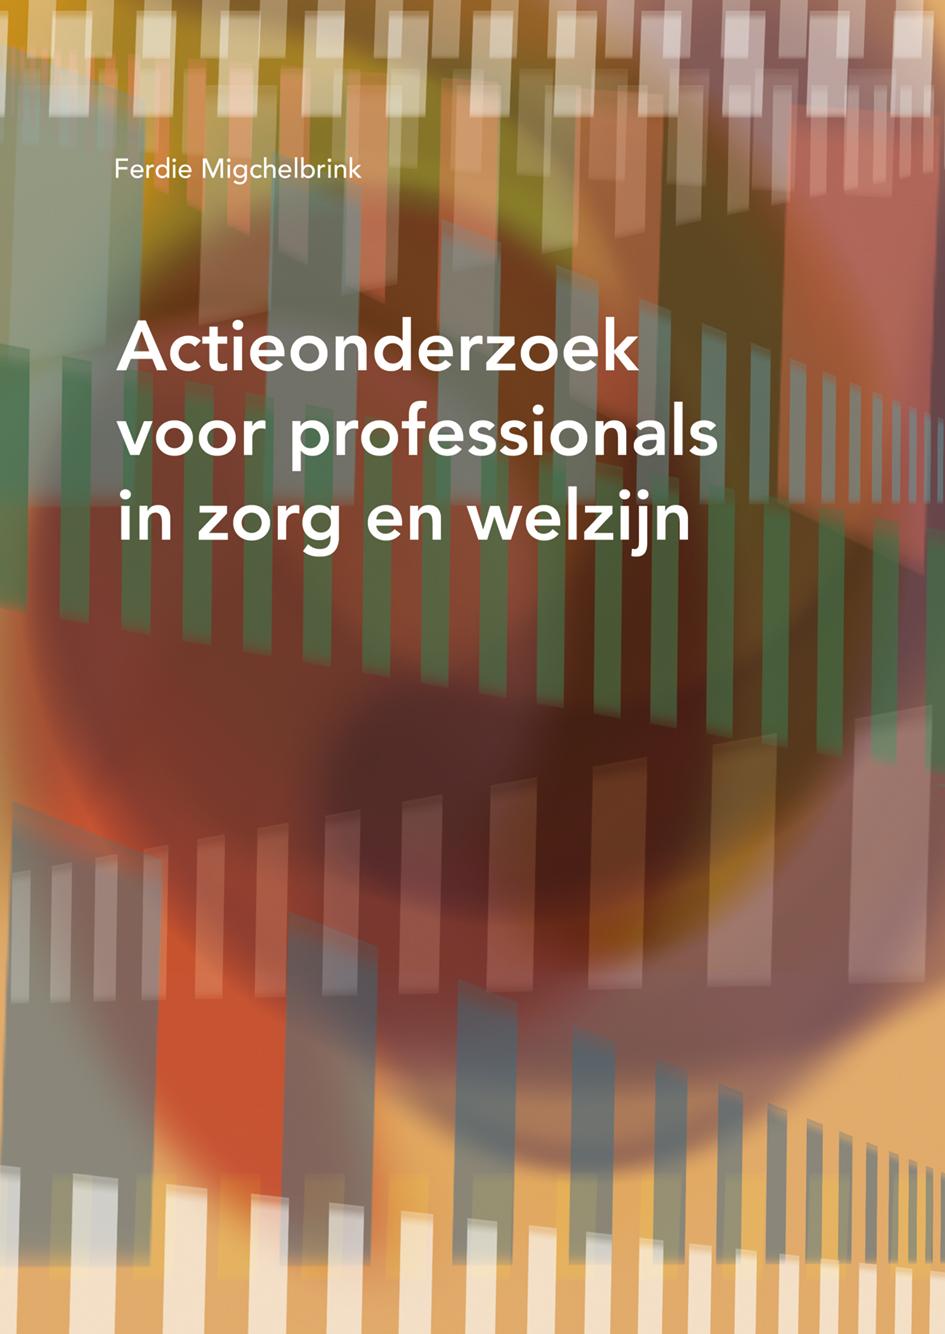 Goede Actieonderzoek voor professionals in zorg en welzijn - Uitgeverij SWP RZ-85